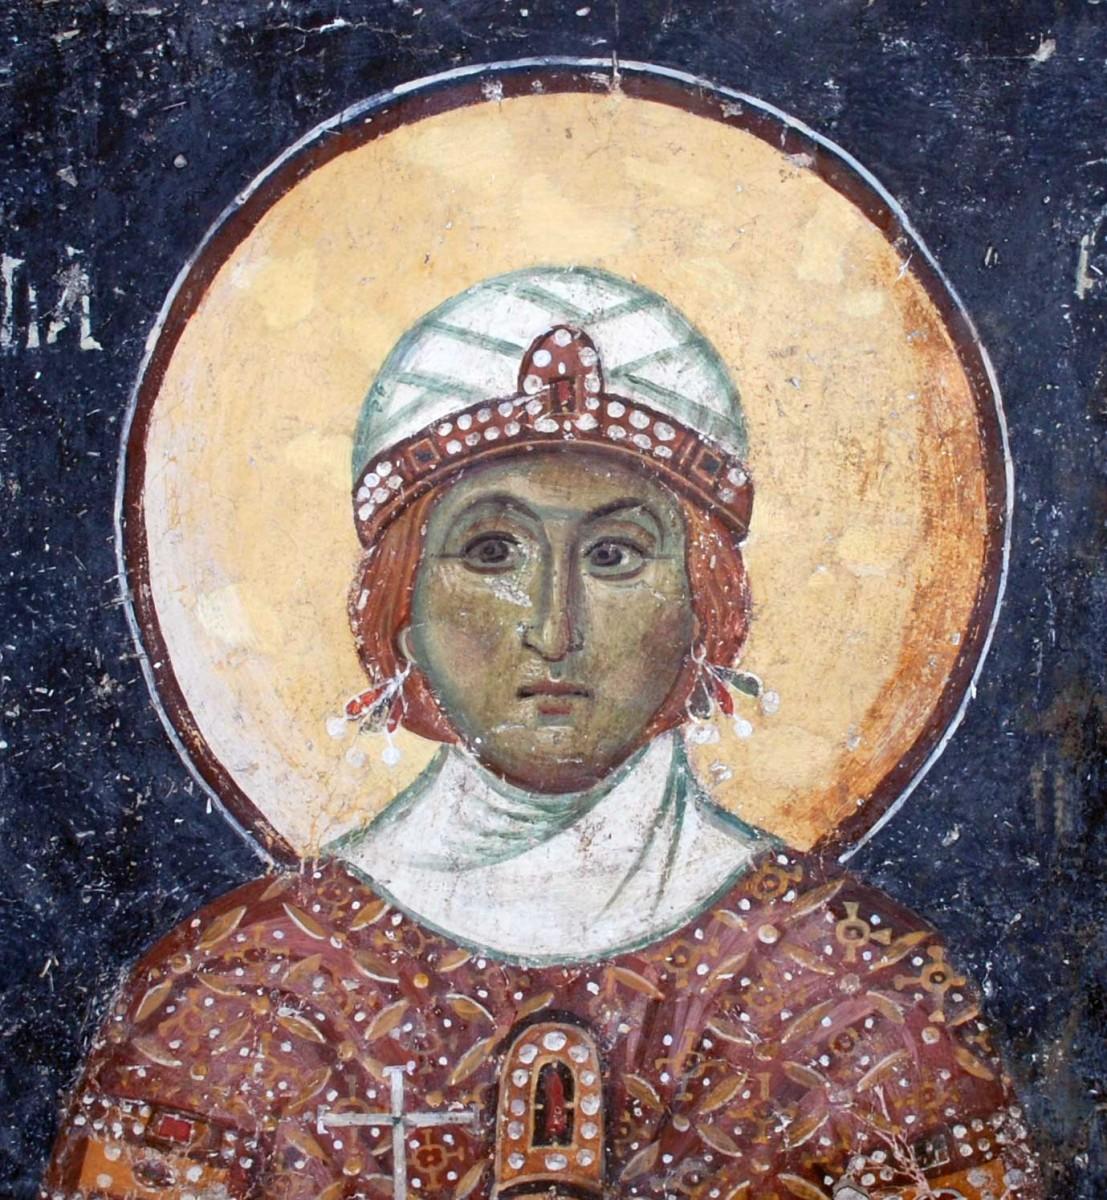 Η Αγία Βαρβάρα. Τοιχογραφία του α' μισού του 13ου αιώνα στην παλιά Μητρόπολη της Βέροιας (φωτ. Εφορεία Αρχαιοτήτων Ημαθίας).